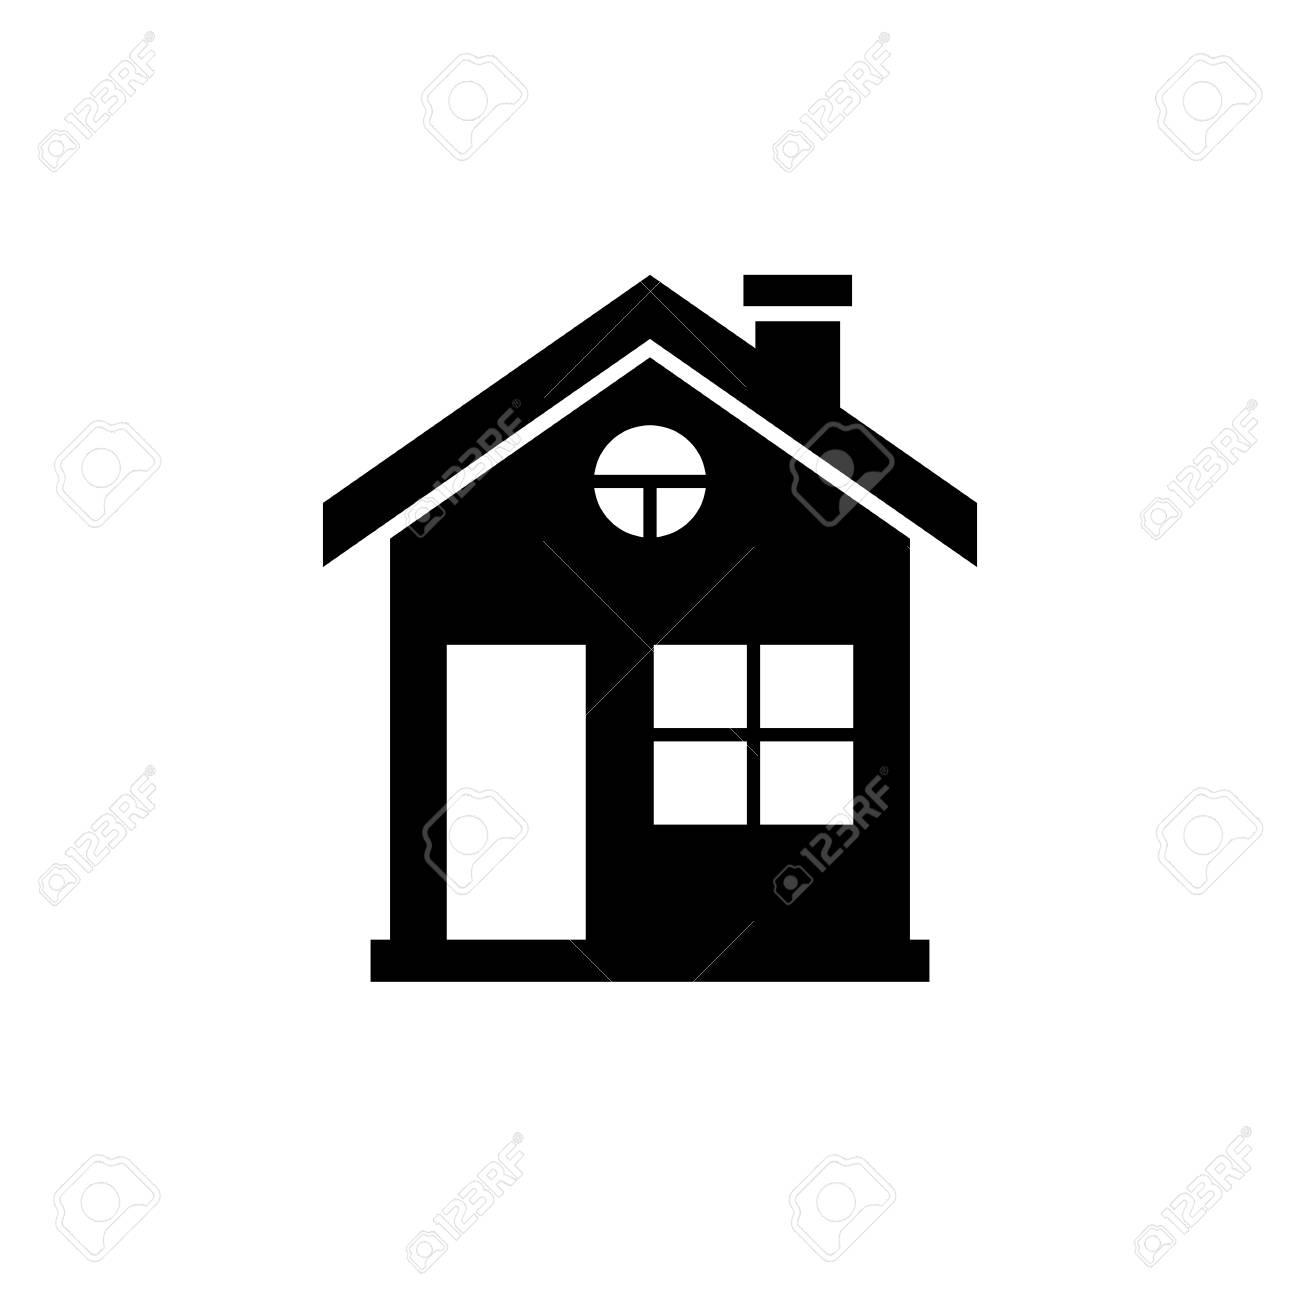 House Icon Black Minimalist Icon Isolated On White Background